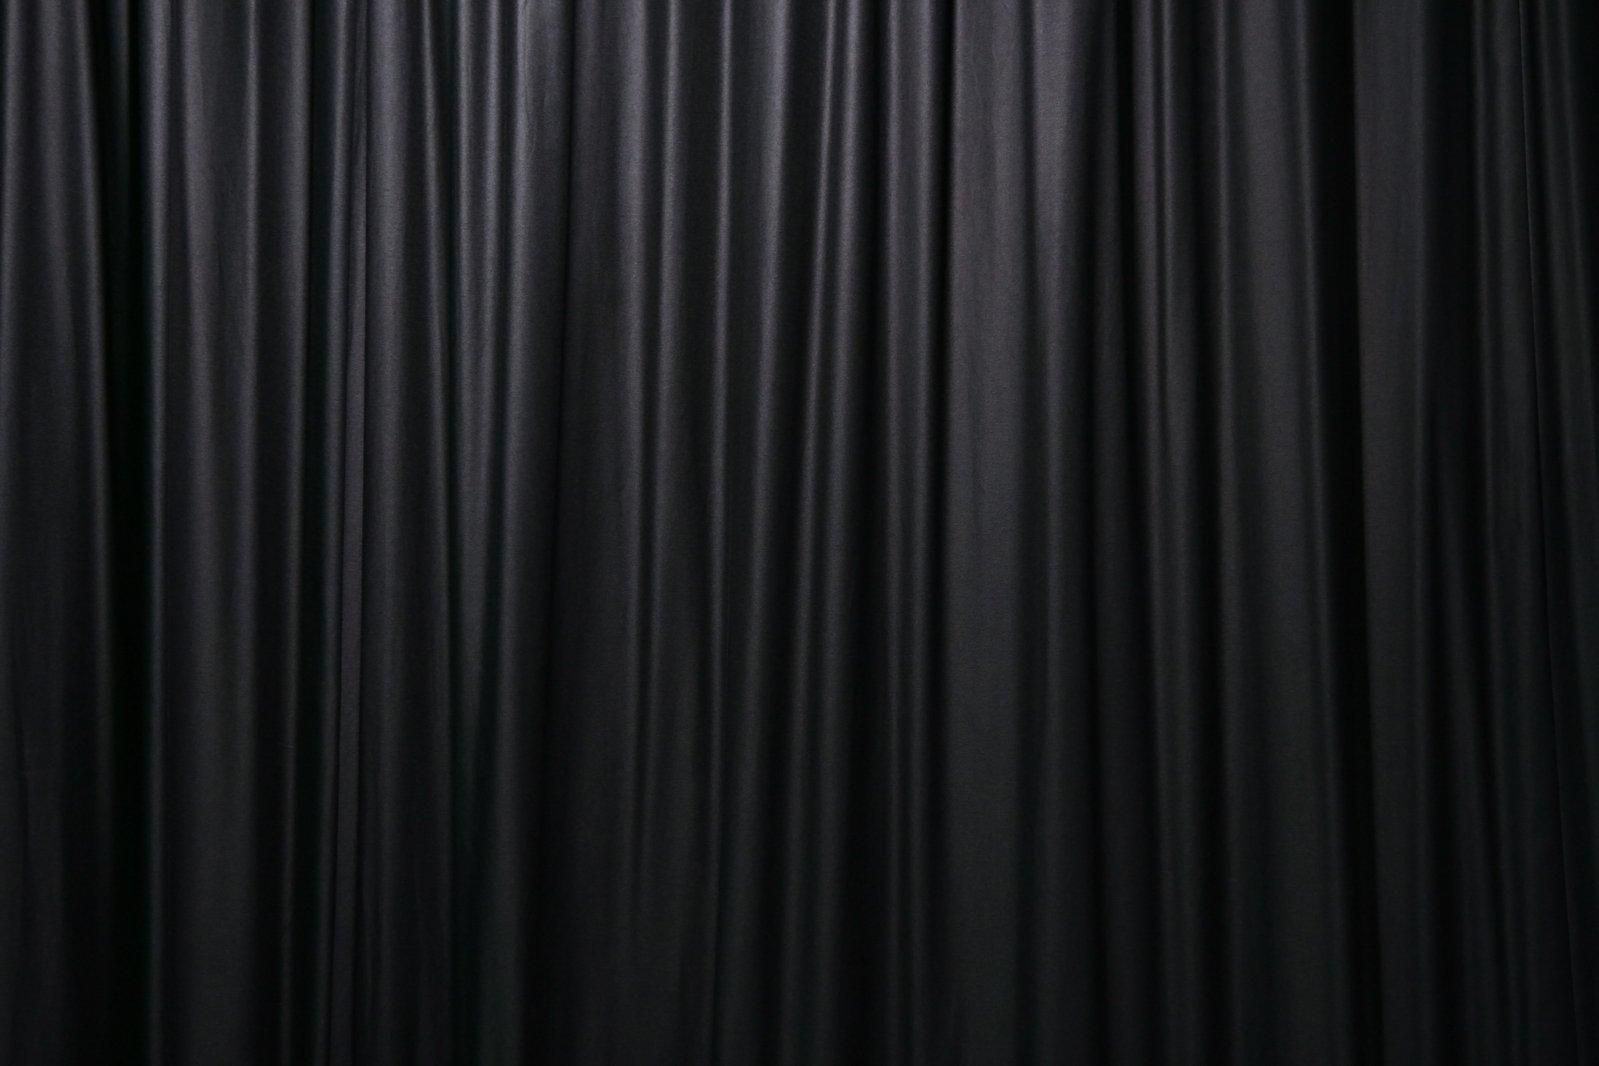 Black Curtain Photos 1159588 FreeImagescom